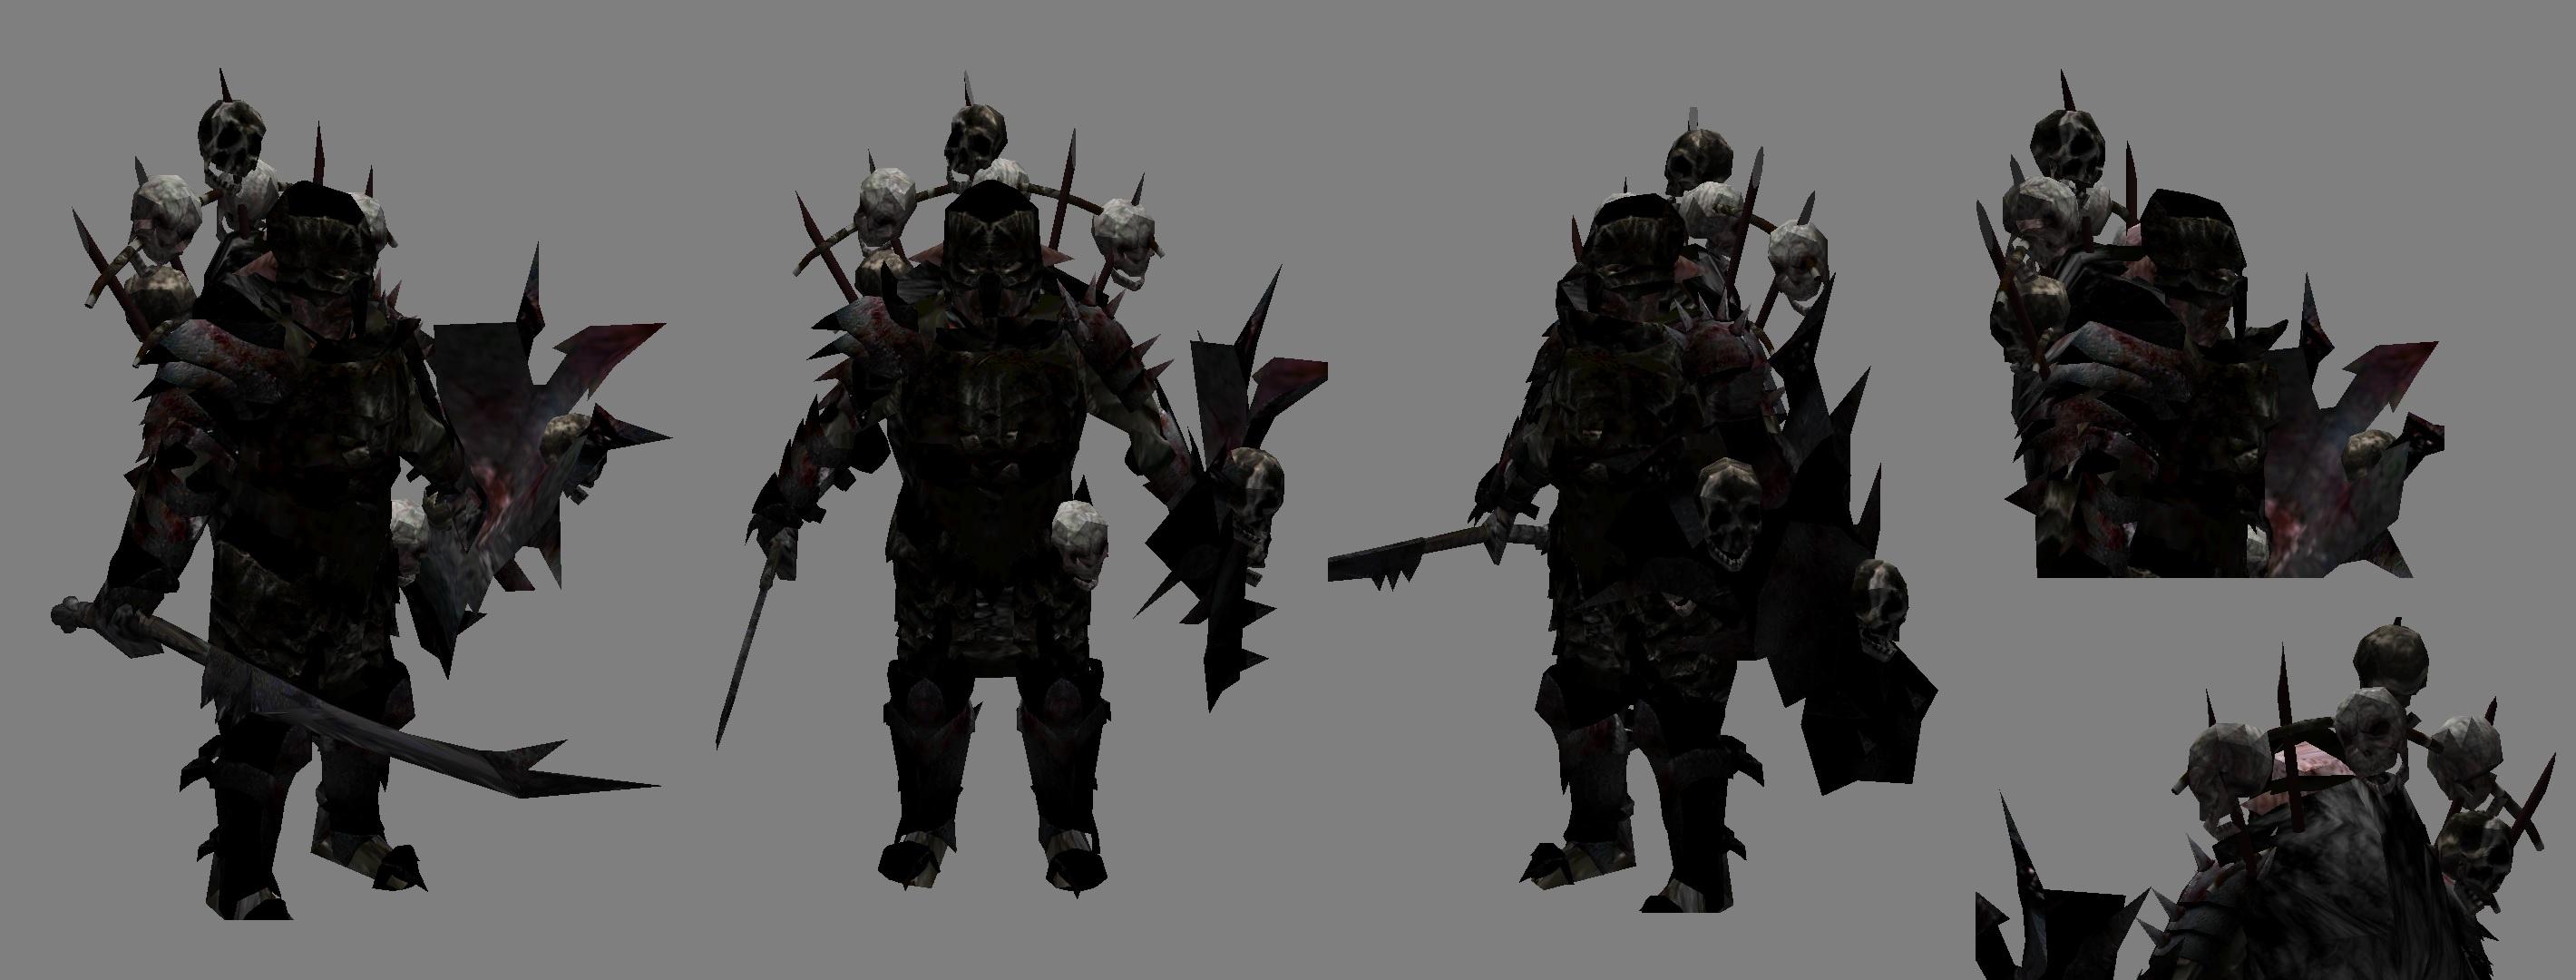 morgul4.jpg